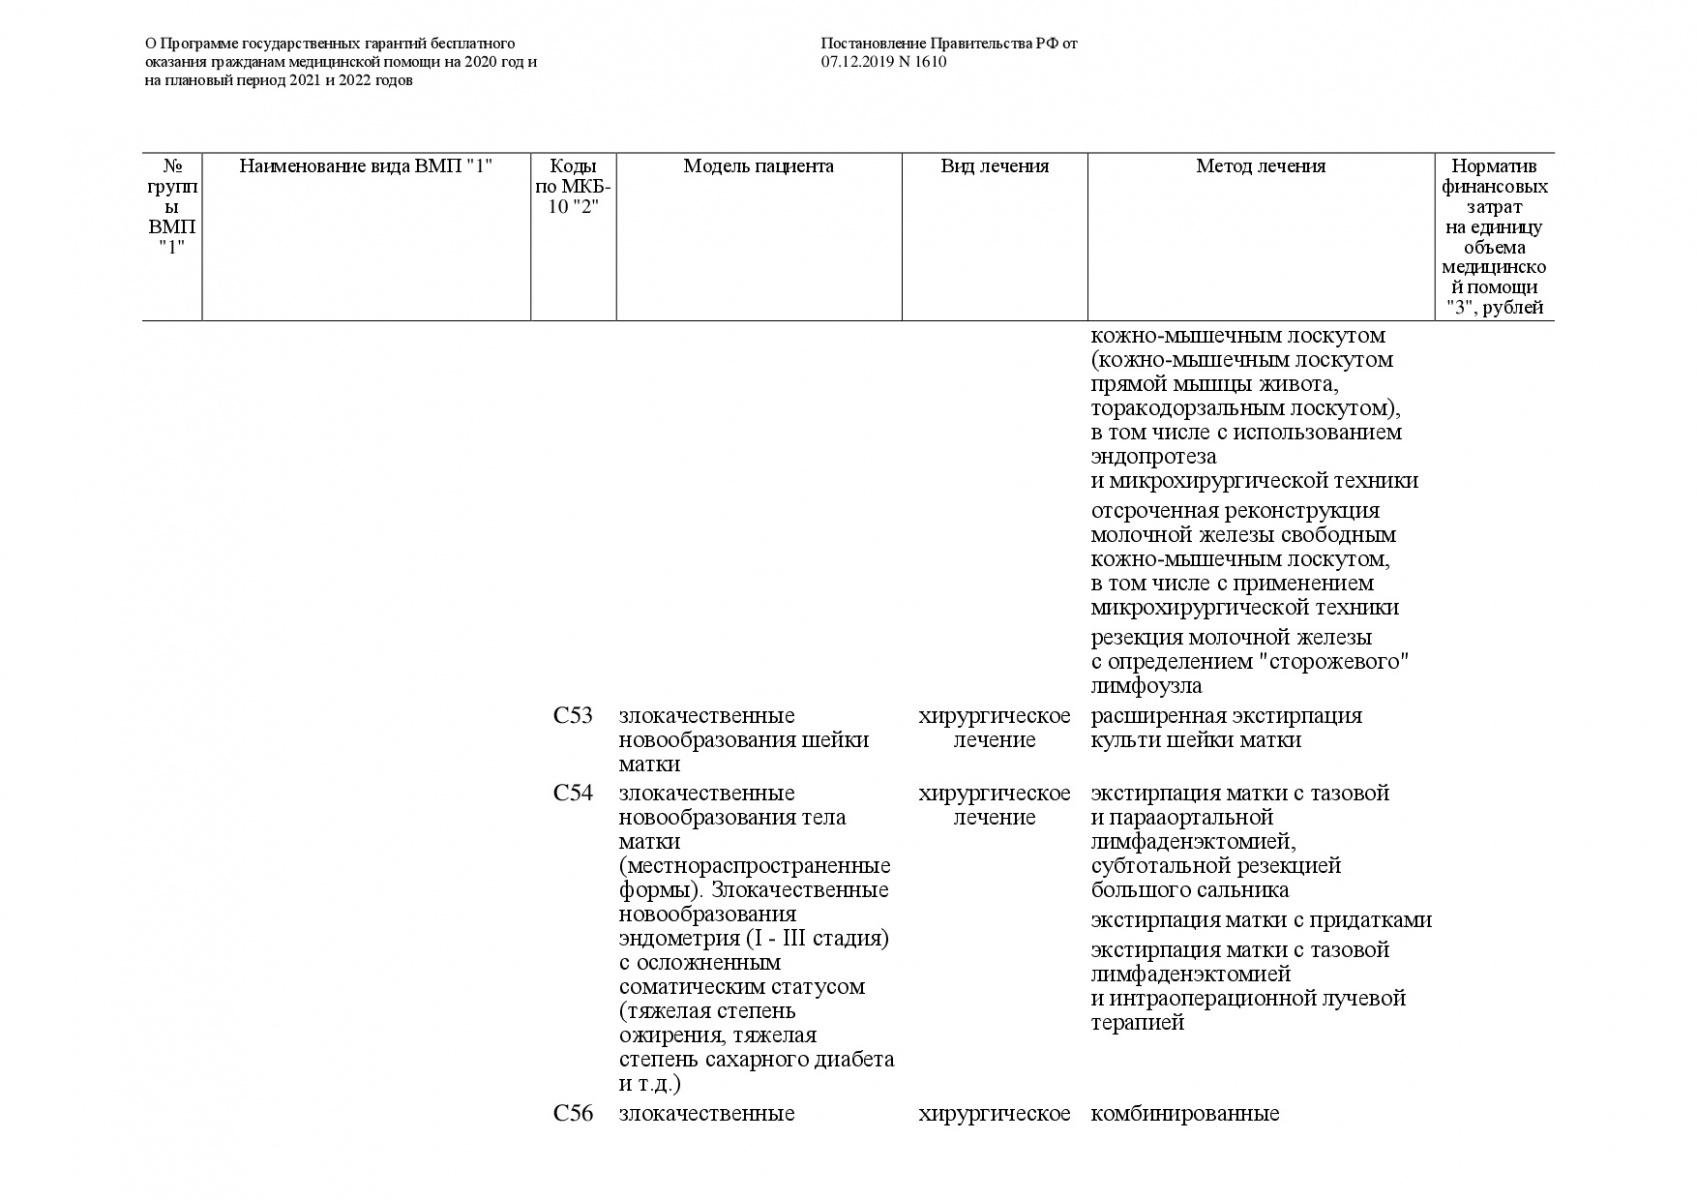 Postanovlenie-Pravitelstva-RF-ot-07_12_2019-1610-O-PGG-089